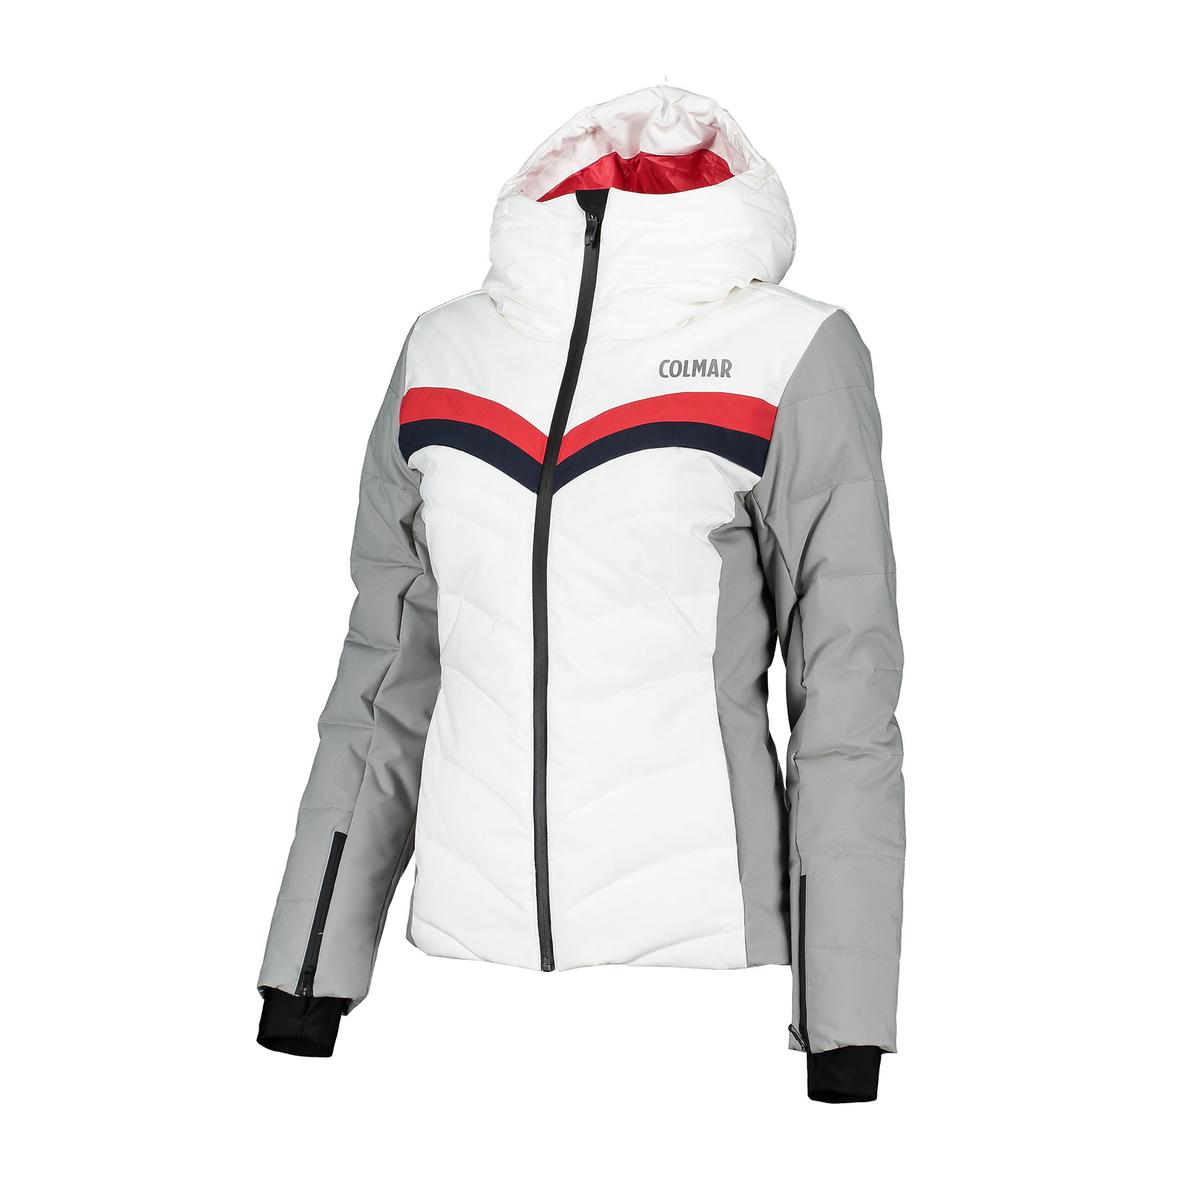 Prezzi Colmar giacca courchevel donna